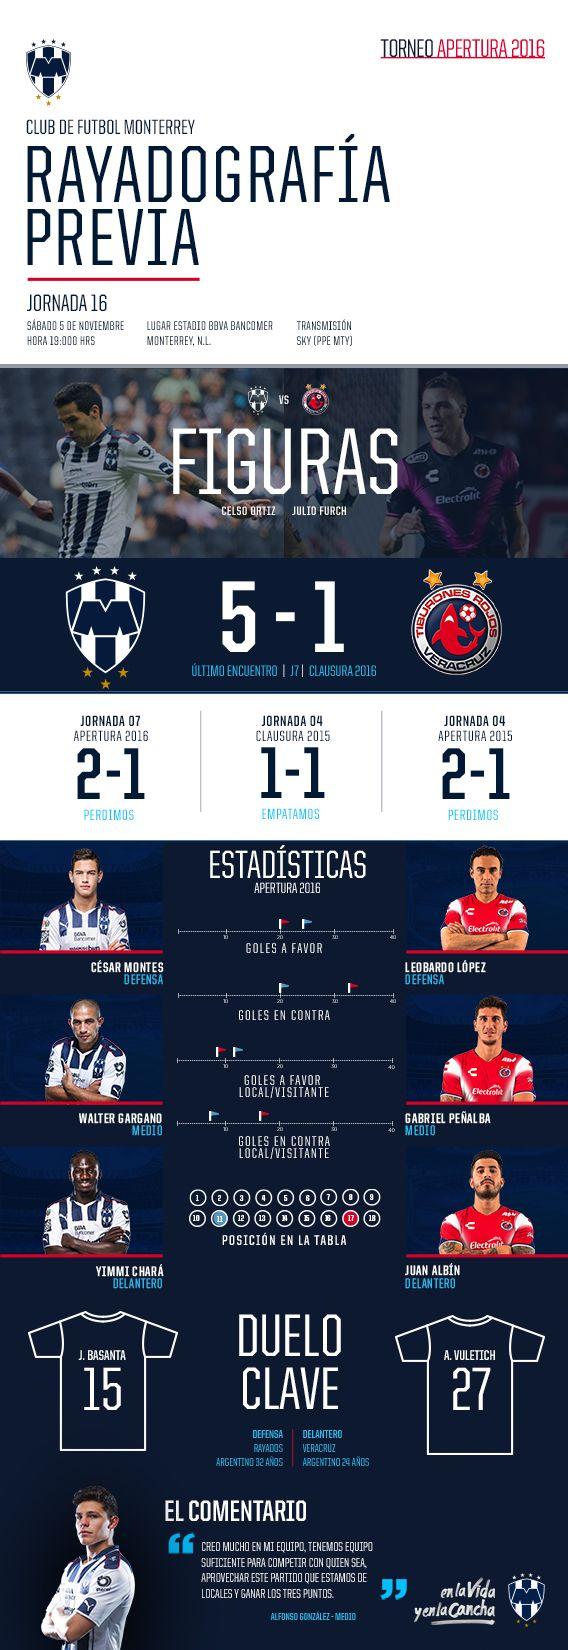 Rayadografía - Rayados vs. Veracruz (Previo)